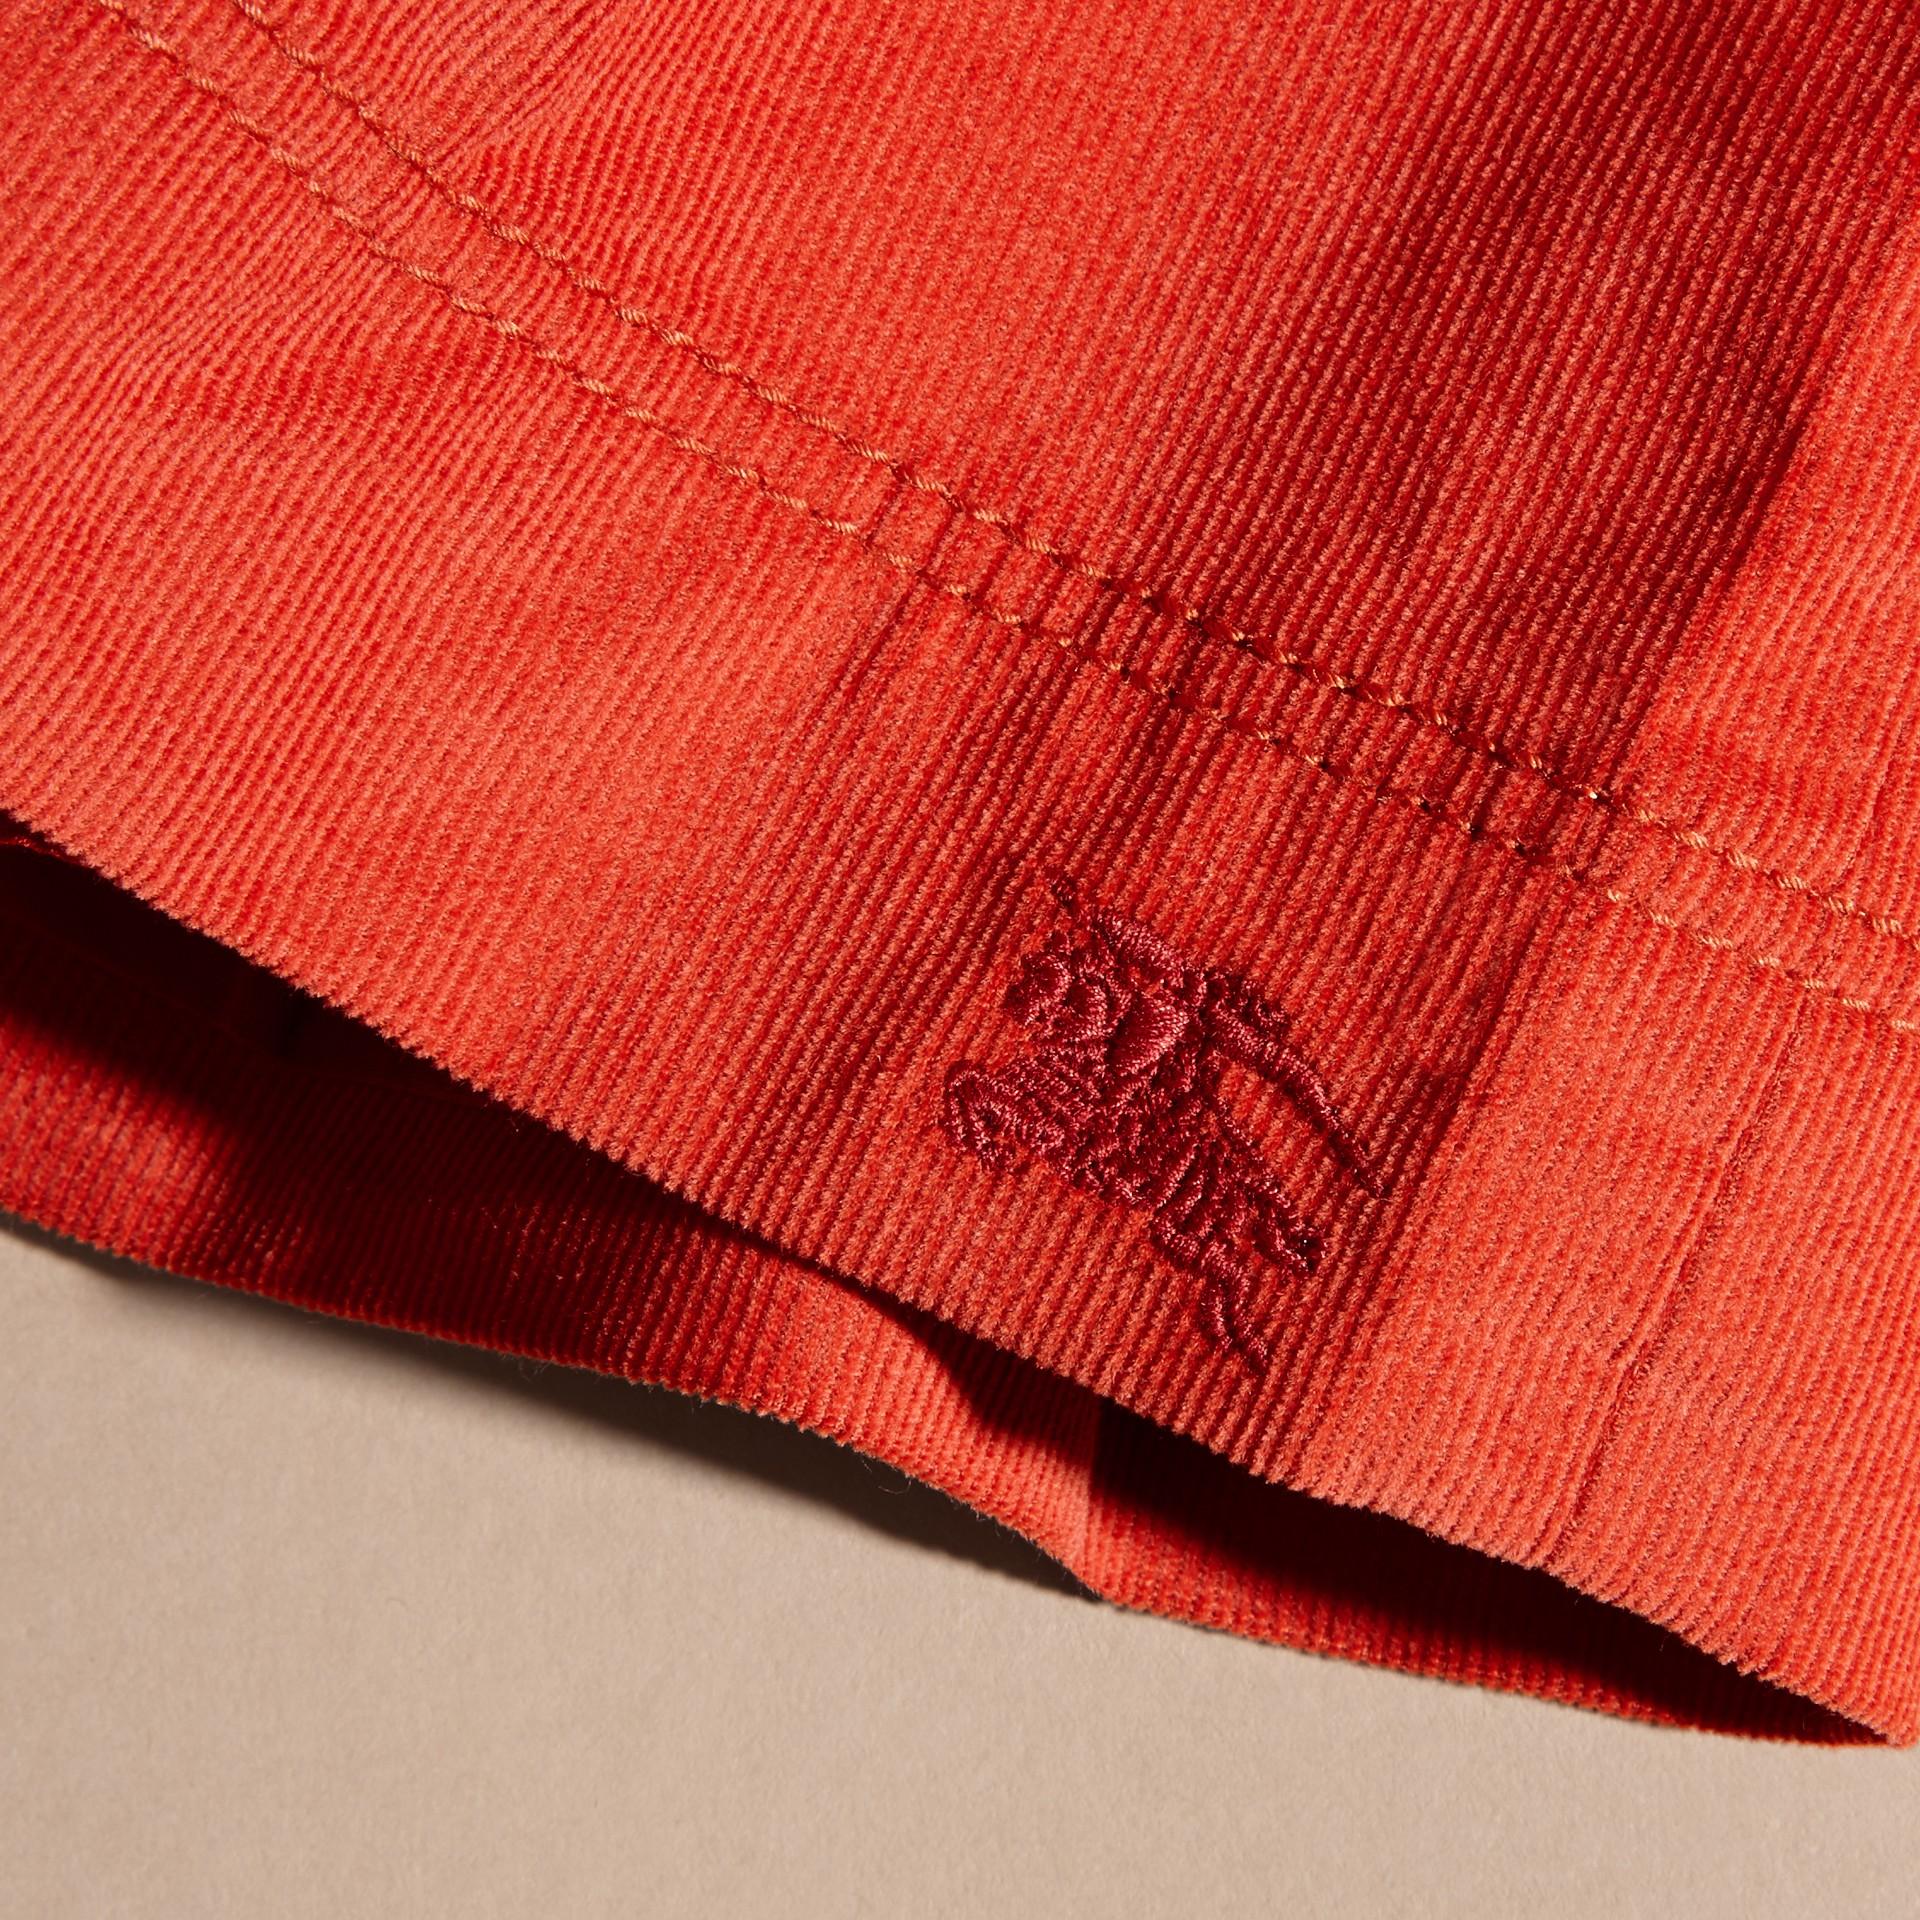 Rosso arancione Abito chemisier in corduroy di cotone Rosso Arancione - immagine della galleria 2